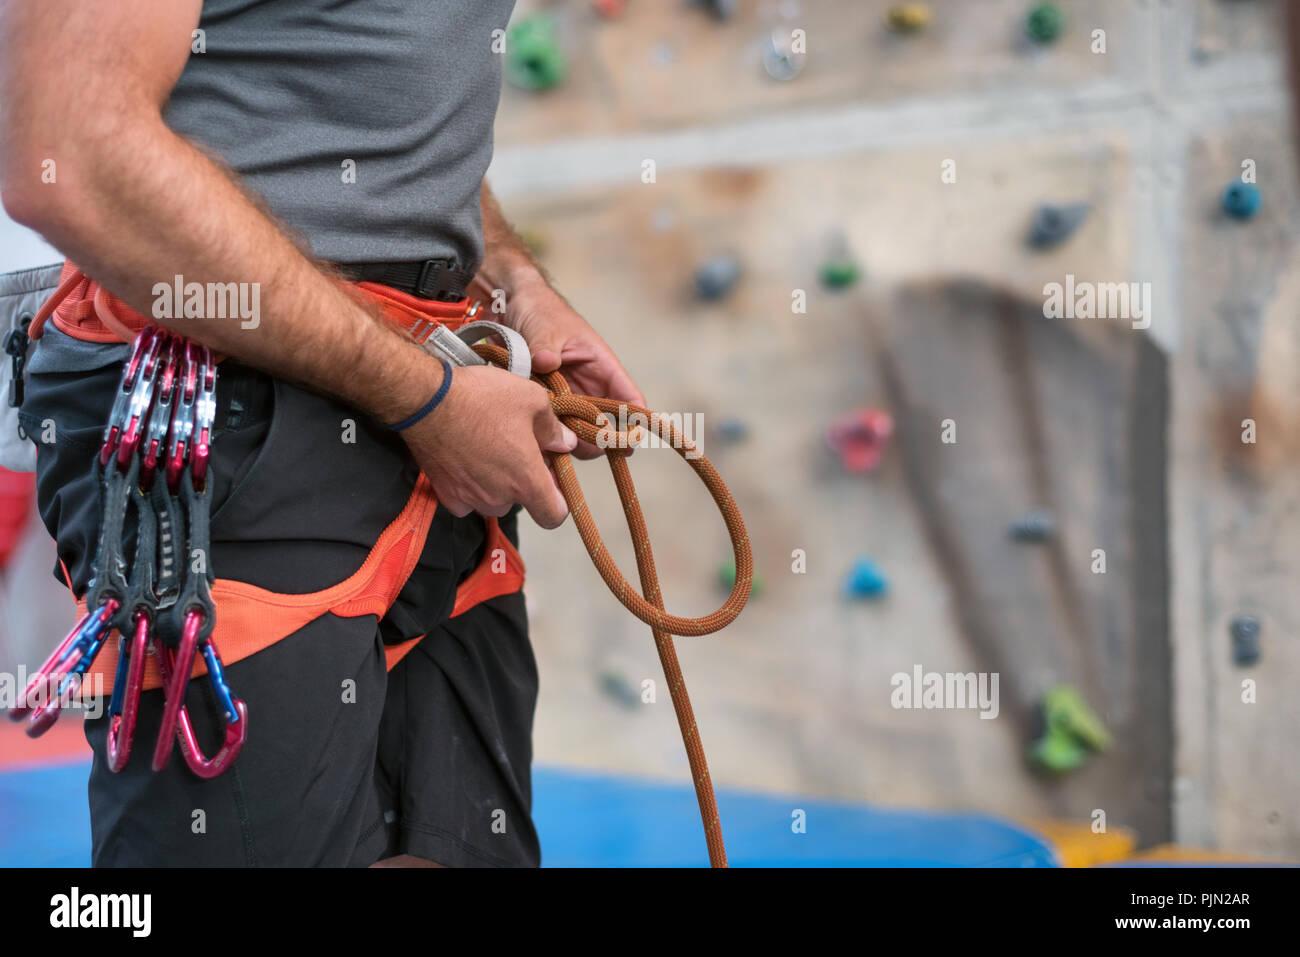 Kletterausrüstung Outdoor : Rock wall climber tragen und kletterausrüstung indoor nahaufnahme